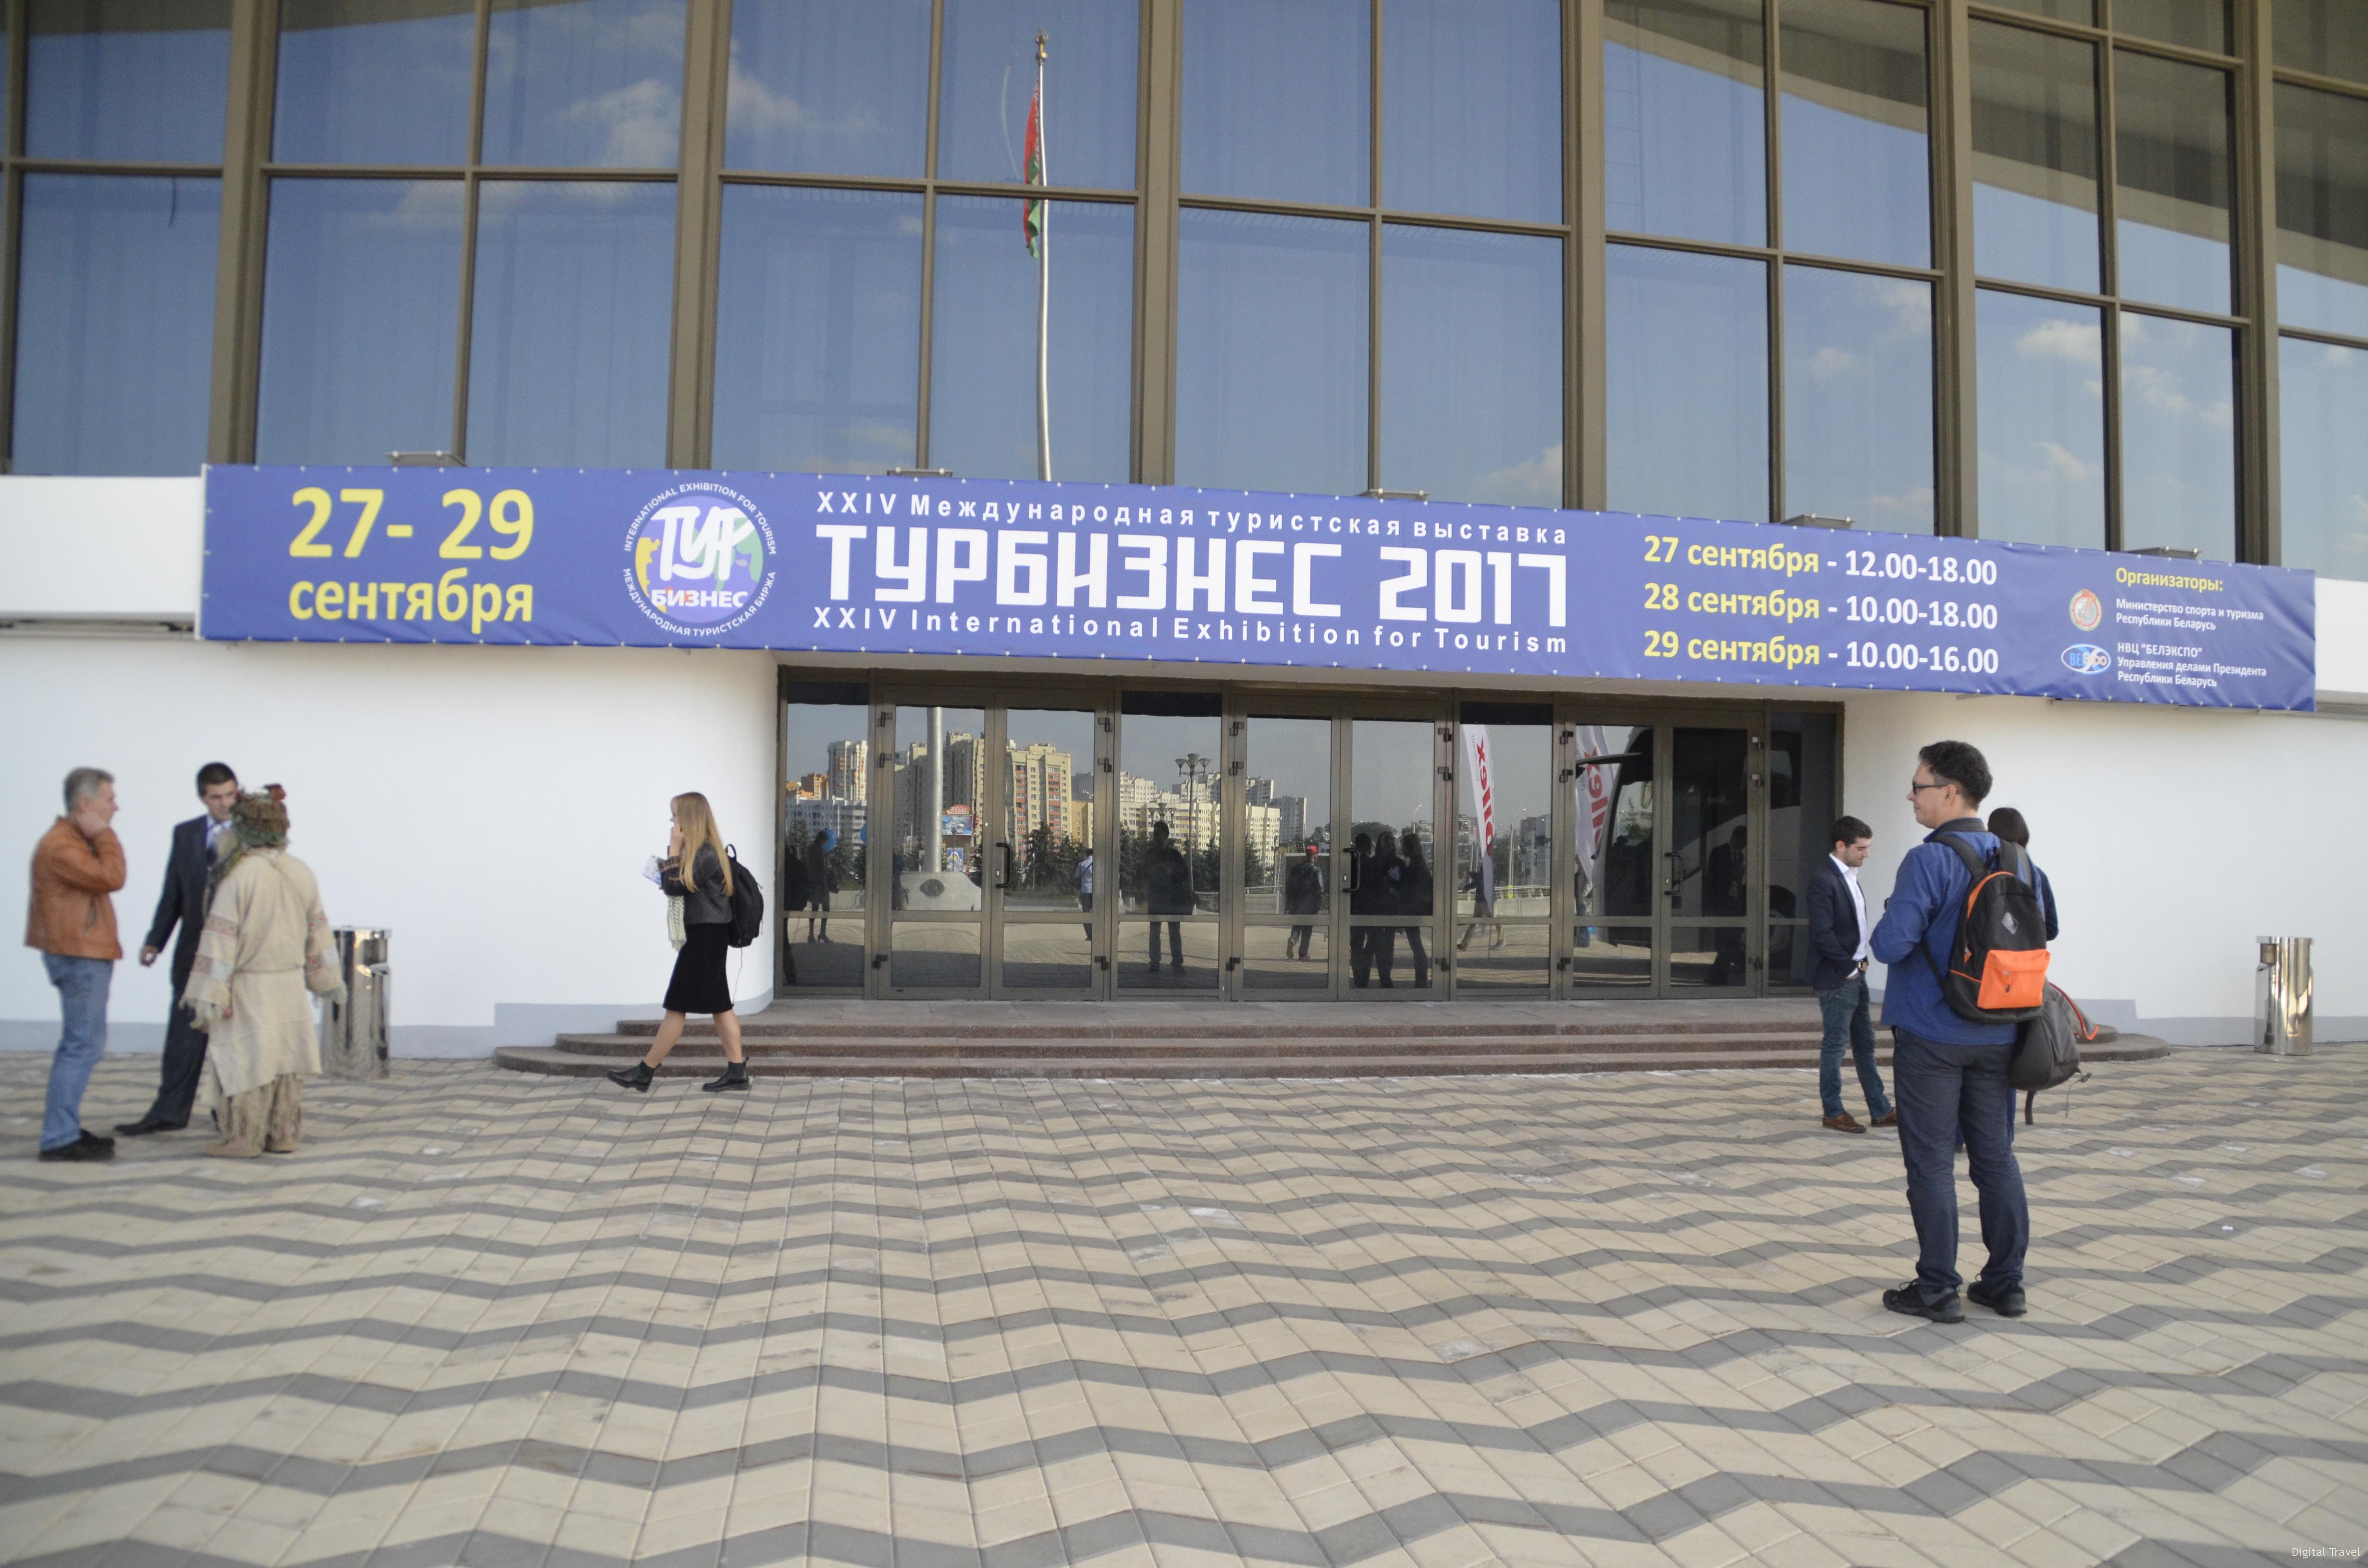 Продажа турбизнеса в минске частные объявления п ка карагандинская обл казахстан